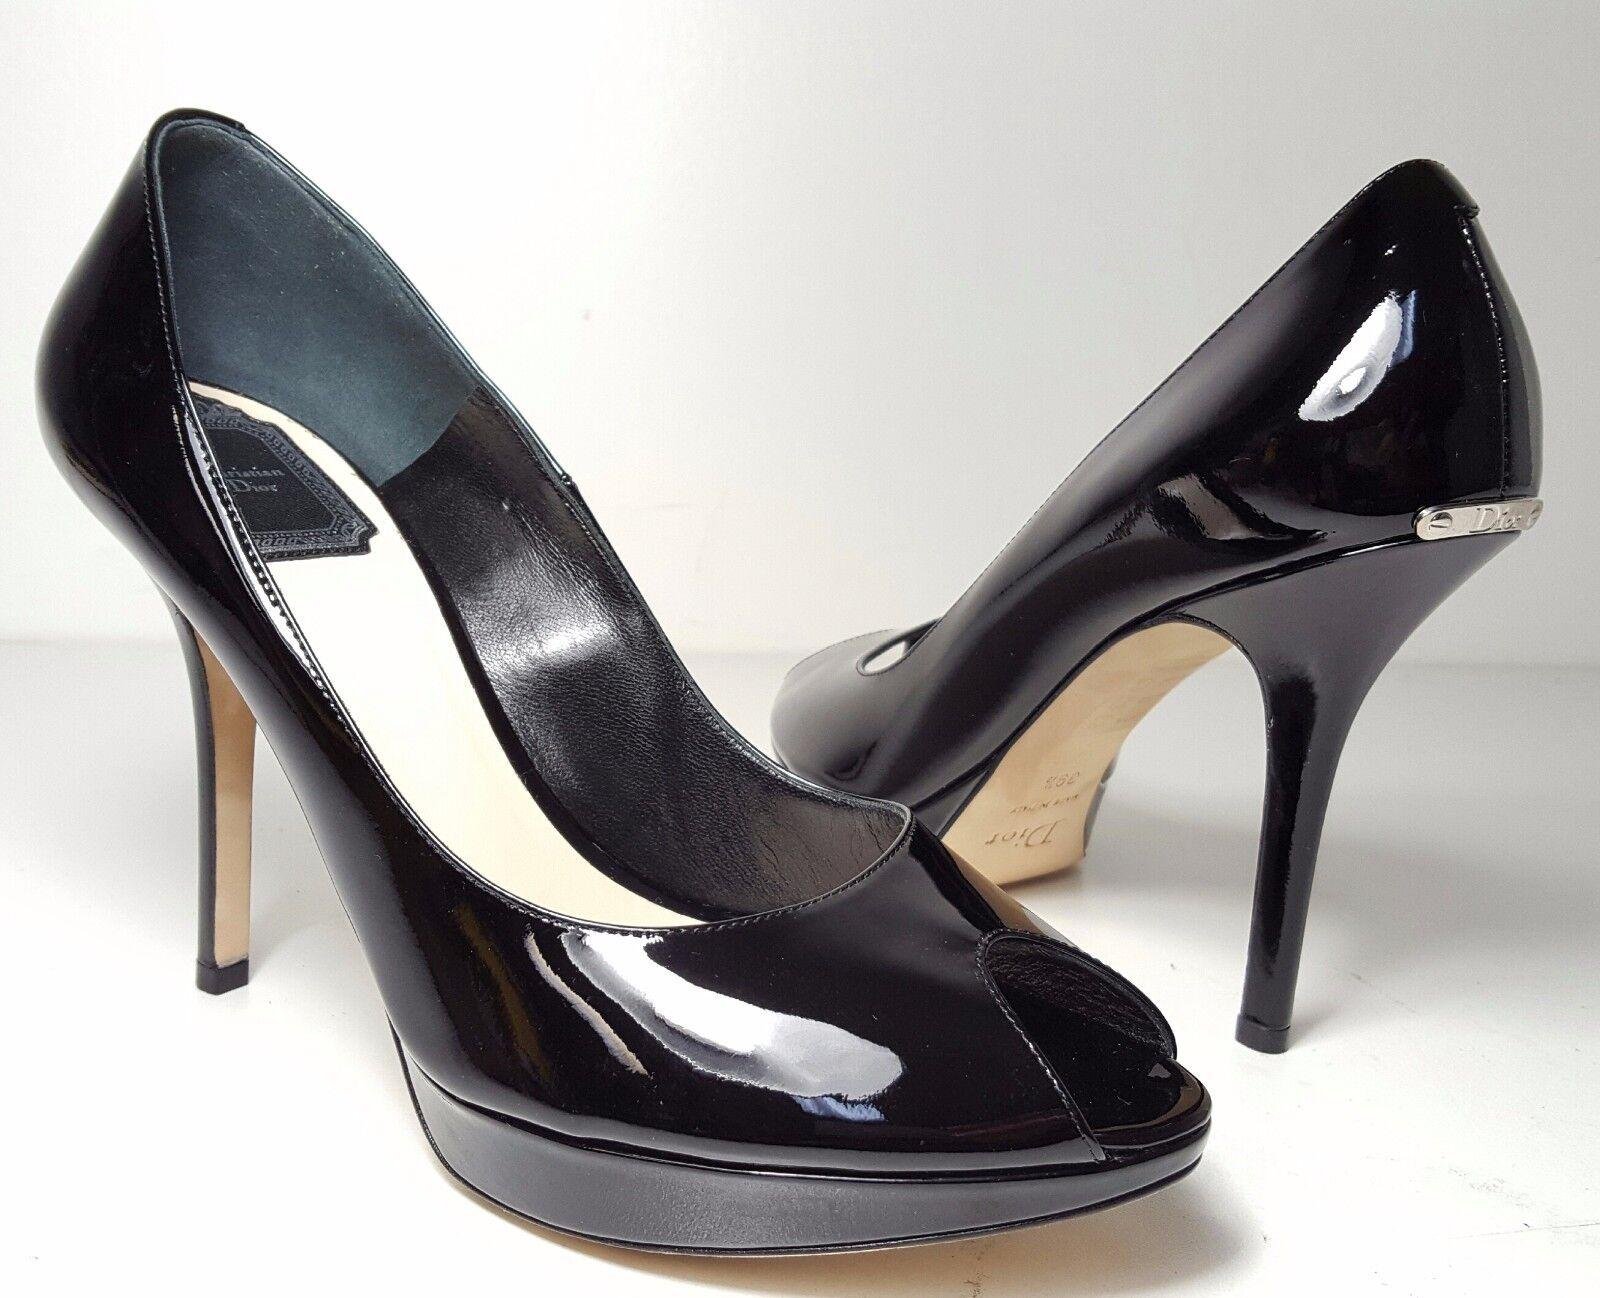 prezzi all'ingrosso  710 Dimensione 39.5 US US US 8.5 Christian Dior Miss Dior nero Peep Toe Heel Pumps scarpe  la migliore offerta del negozio online